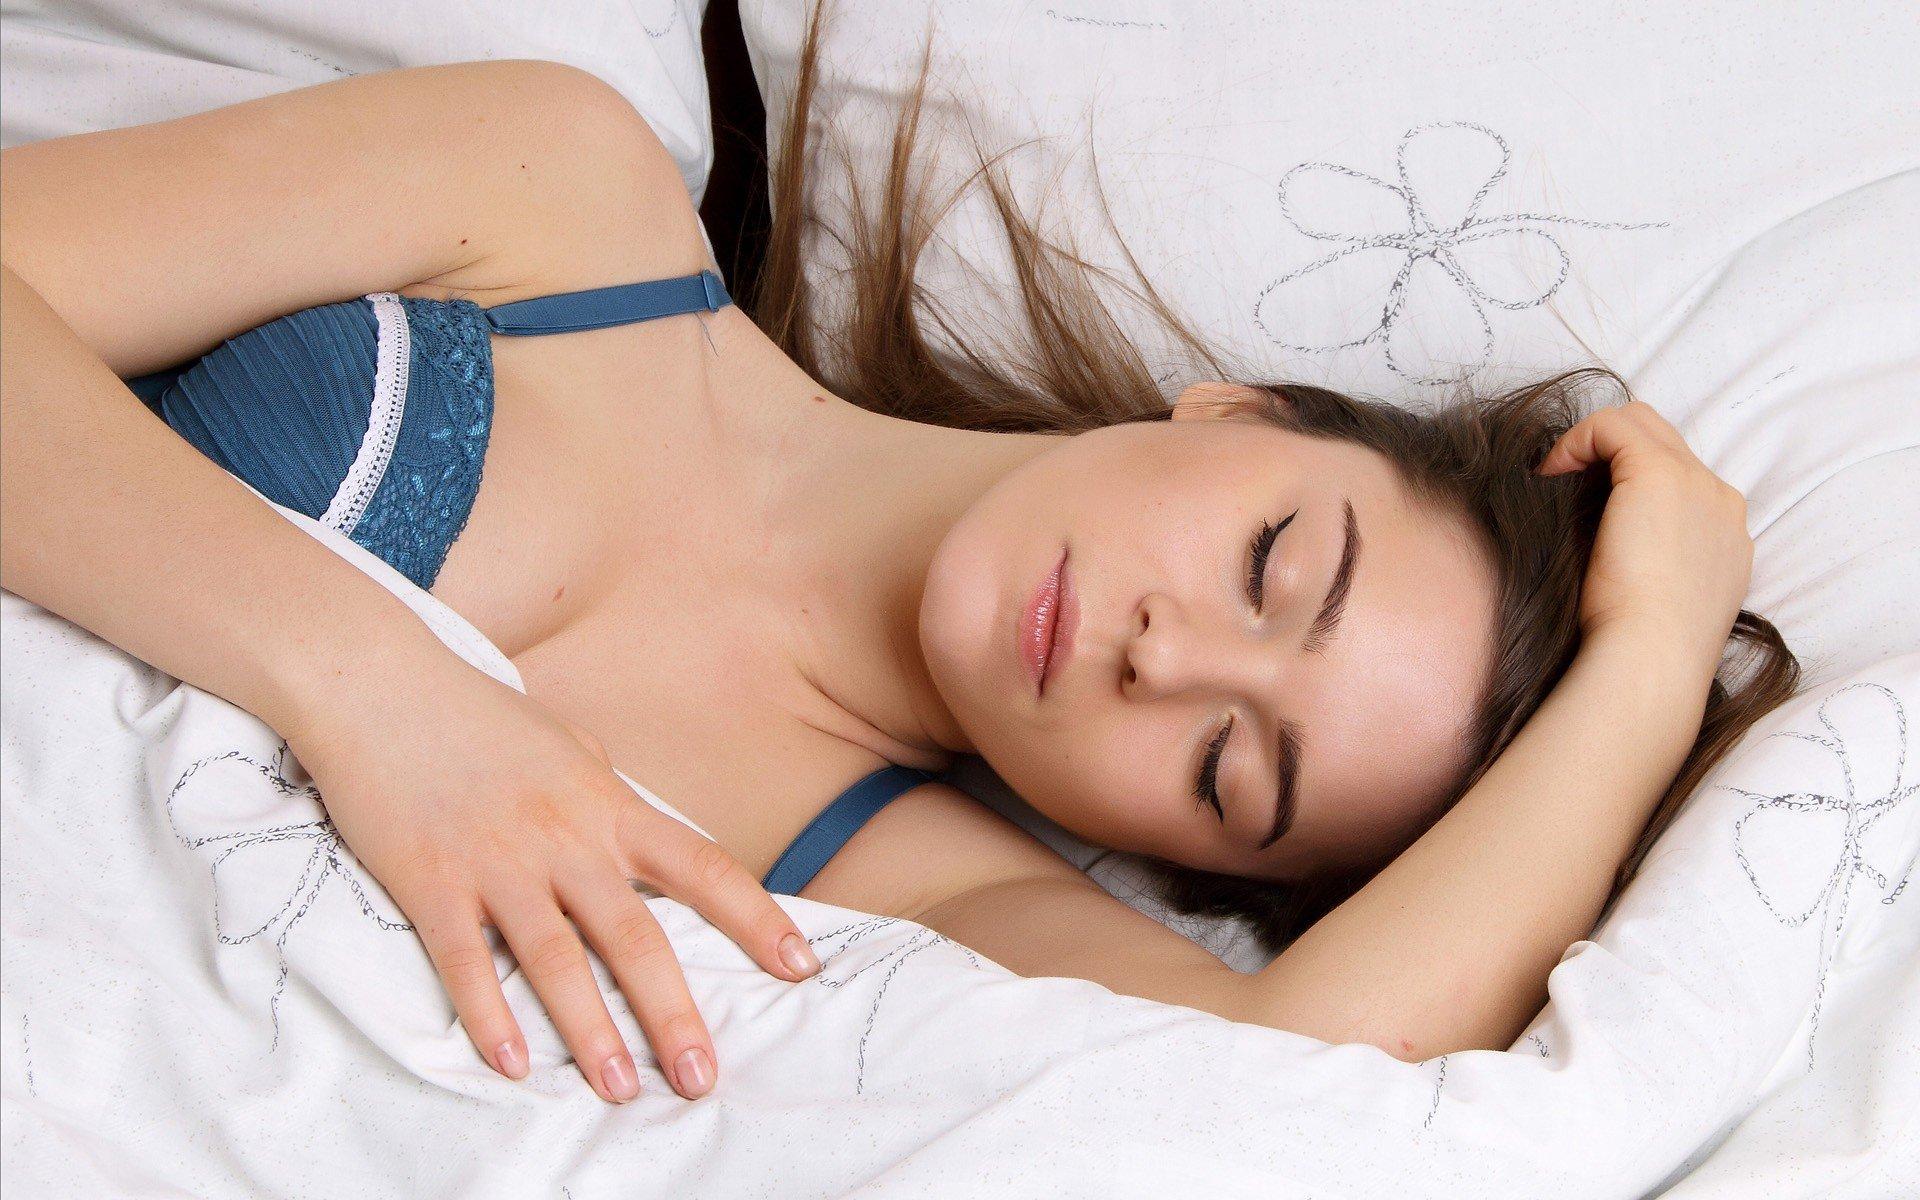 как удовлетворить женщину в постели Волоколамск